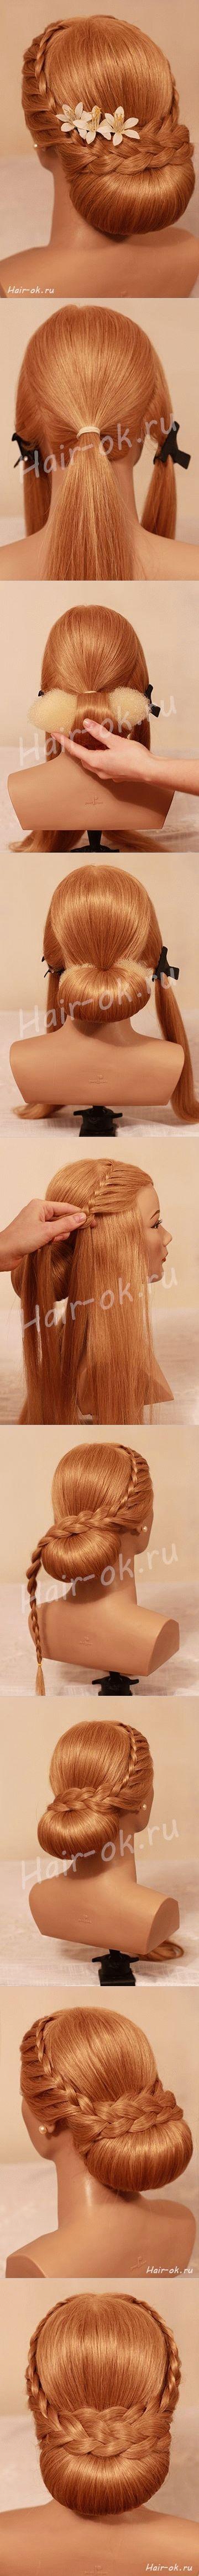 Les 50 plus beaux tutoriels coiffure étape par étape